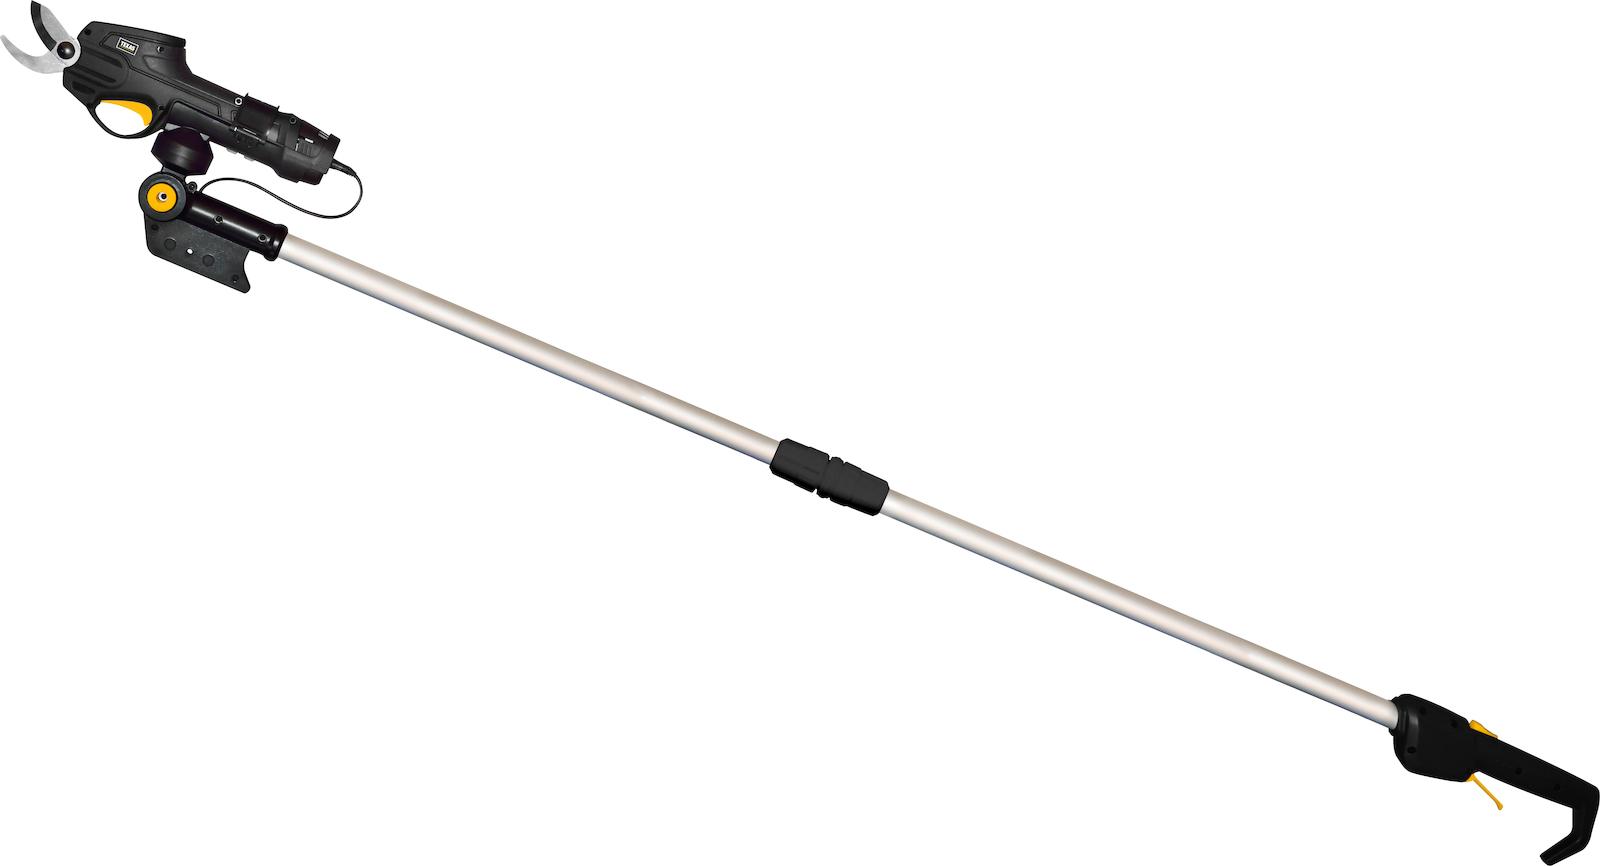 Ψαλίδι κλαδέματος μπαταρίας τηλεσκοπικό TEXAS GS720LI